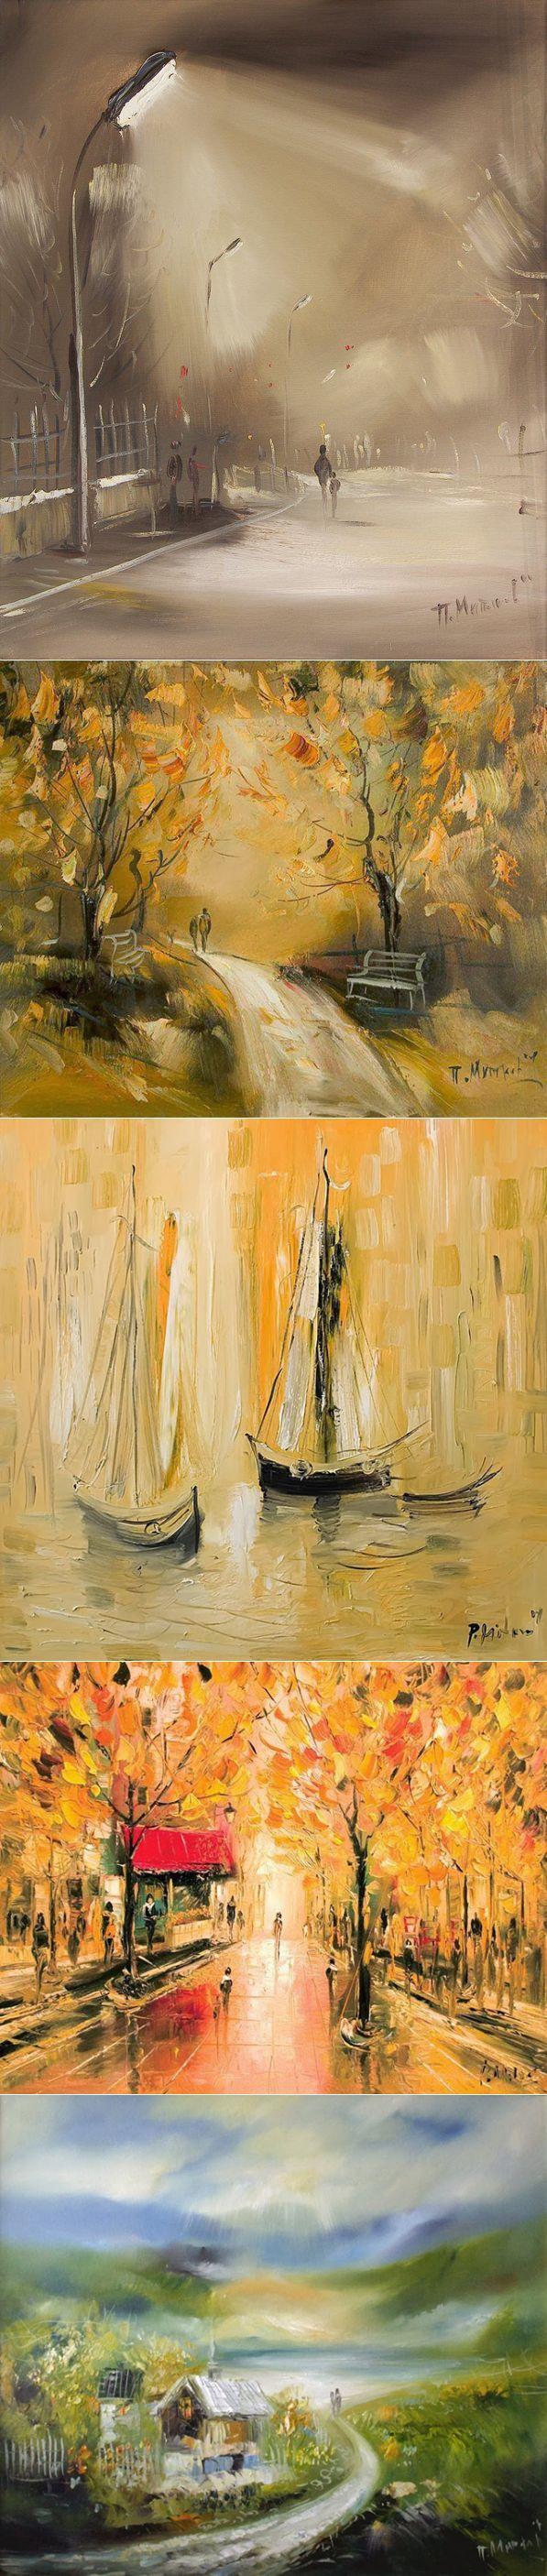 Болгарский художник Павел Митков | Интересные Картинки. Фотографии, обои на рабочий стол, рисунки и графика